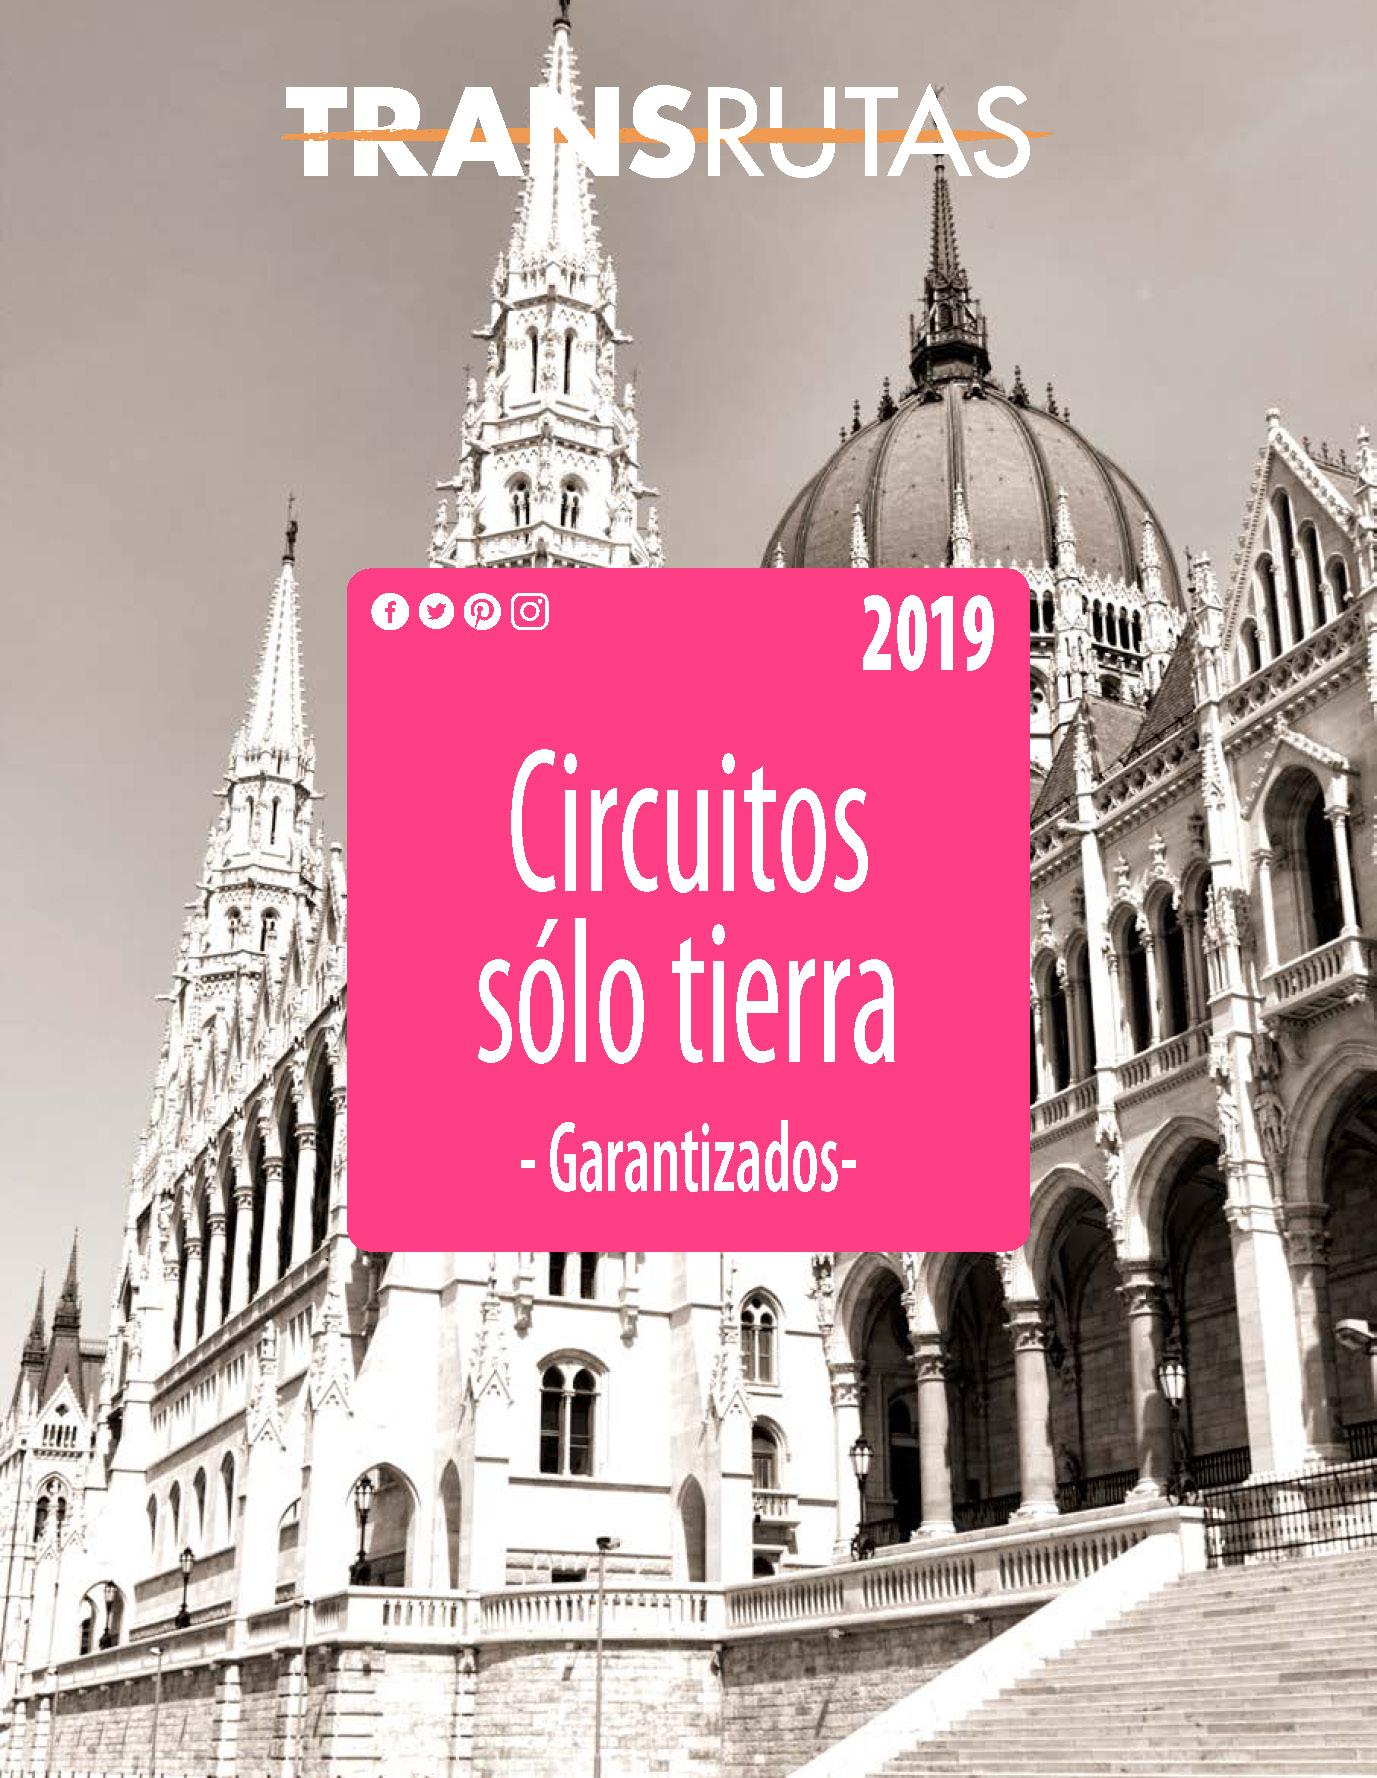 Catalogo Transrutas circuitos Solo Tierra 2019